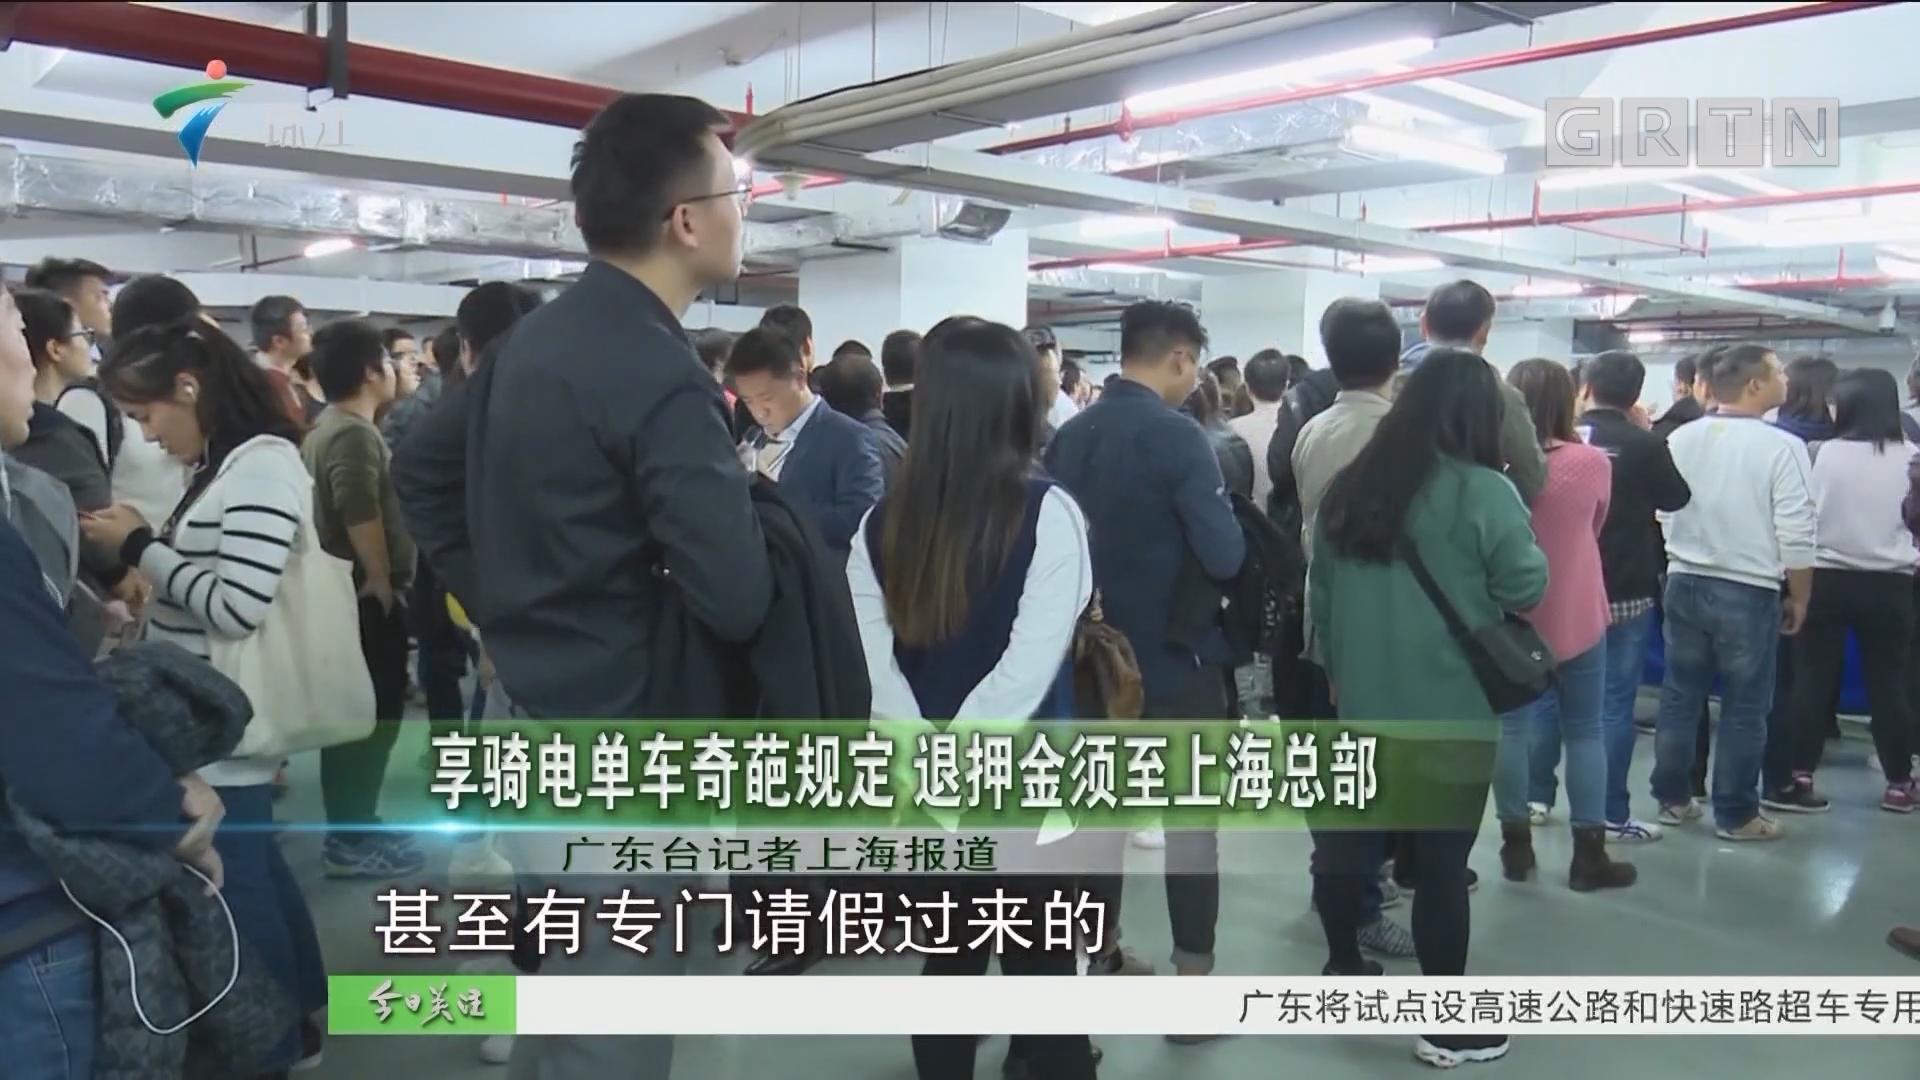 享骑电单车奇葩规定 退押金须至上海总部